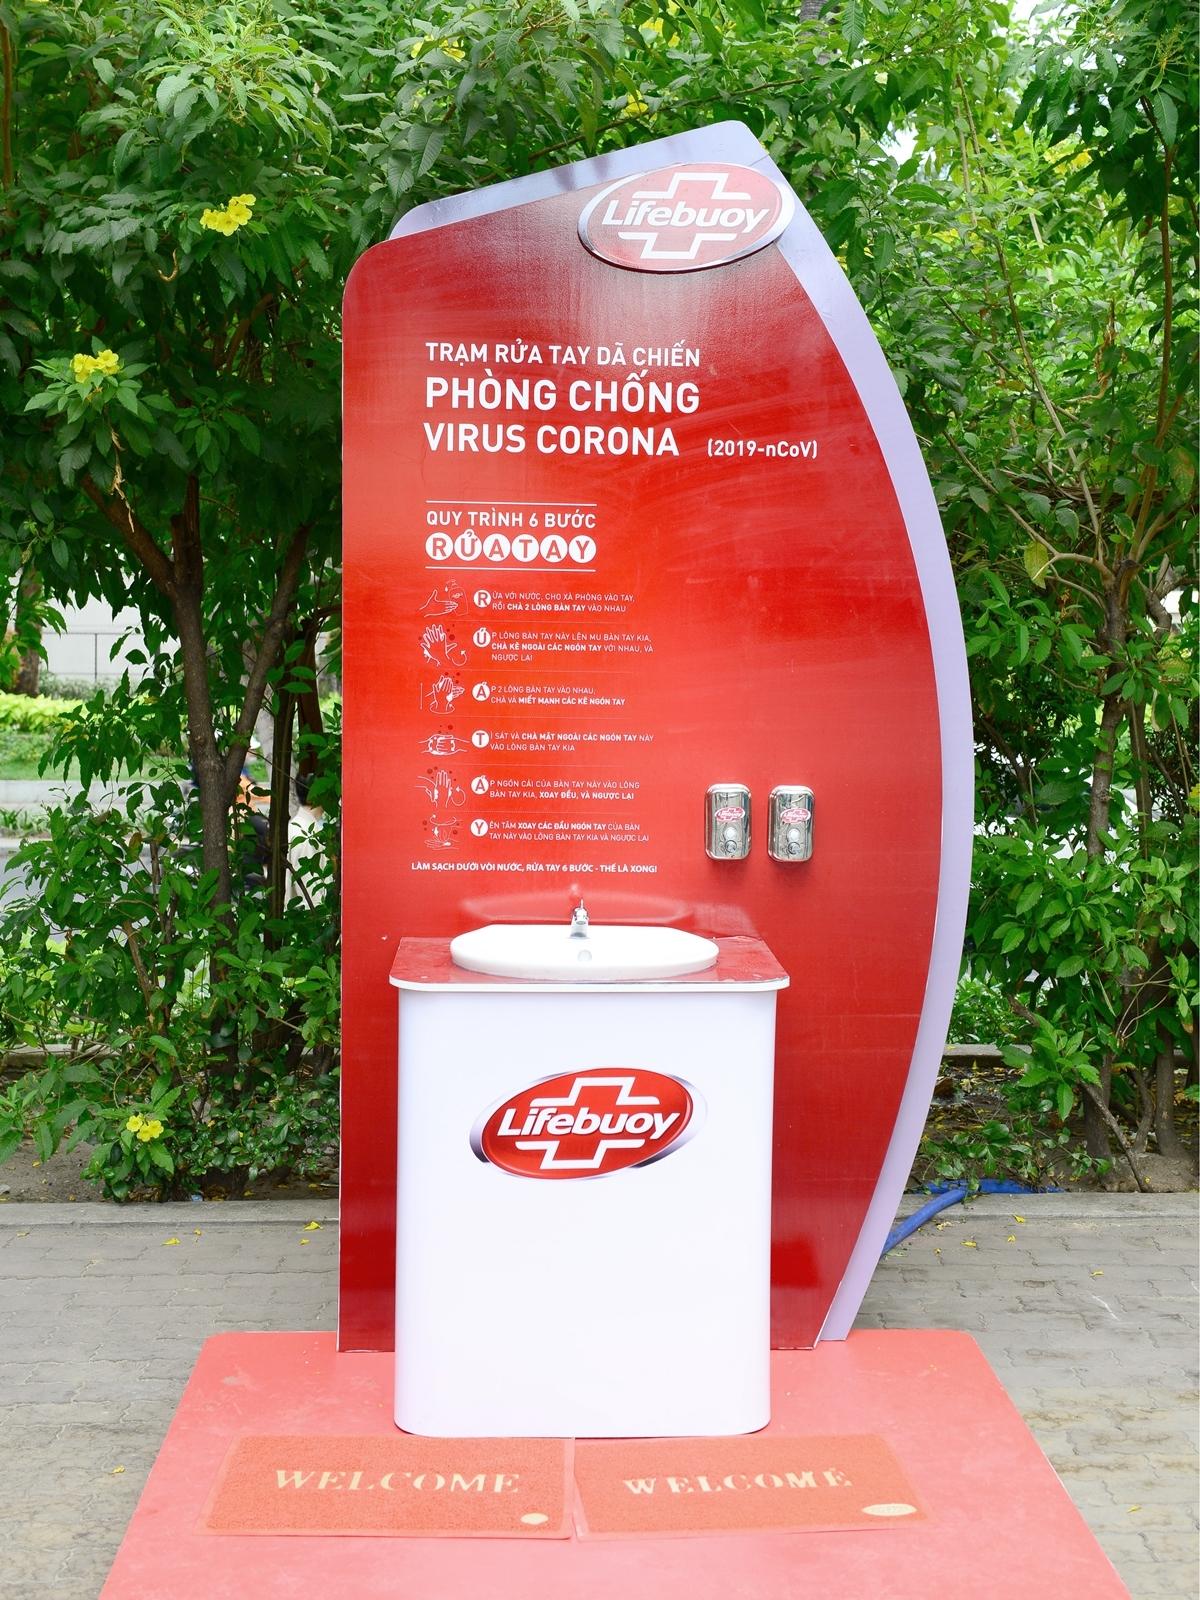 Lifebuoy lắp trạm rửa tay miễn phí ở hàng loạt điểm công cộng-3